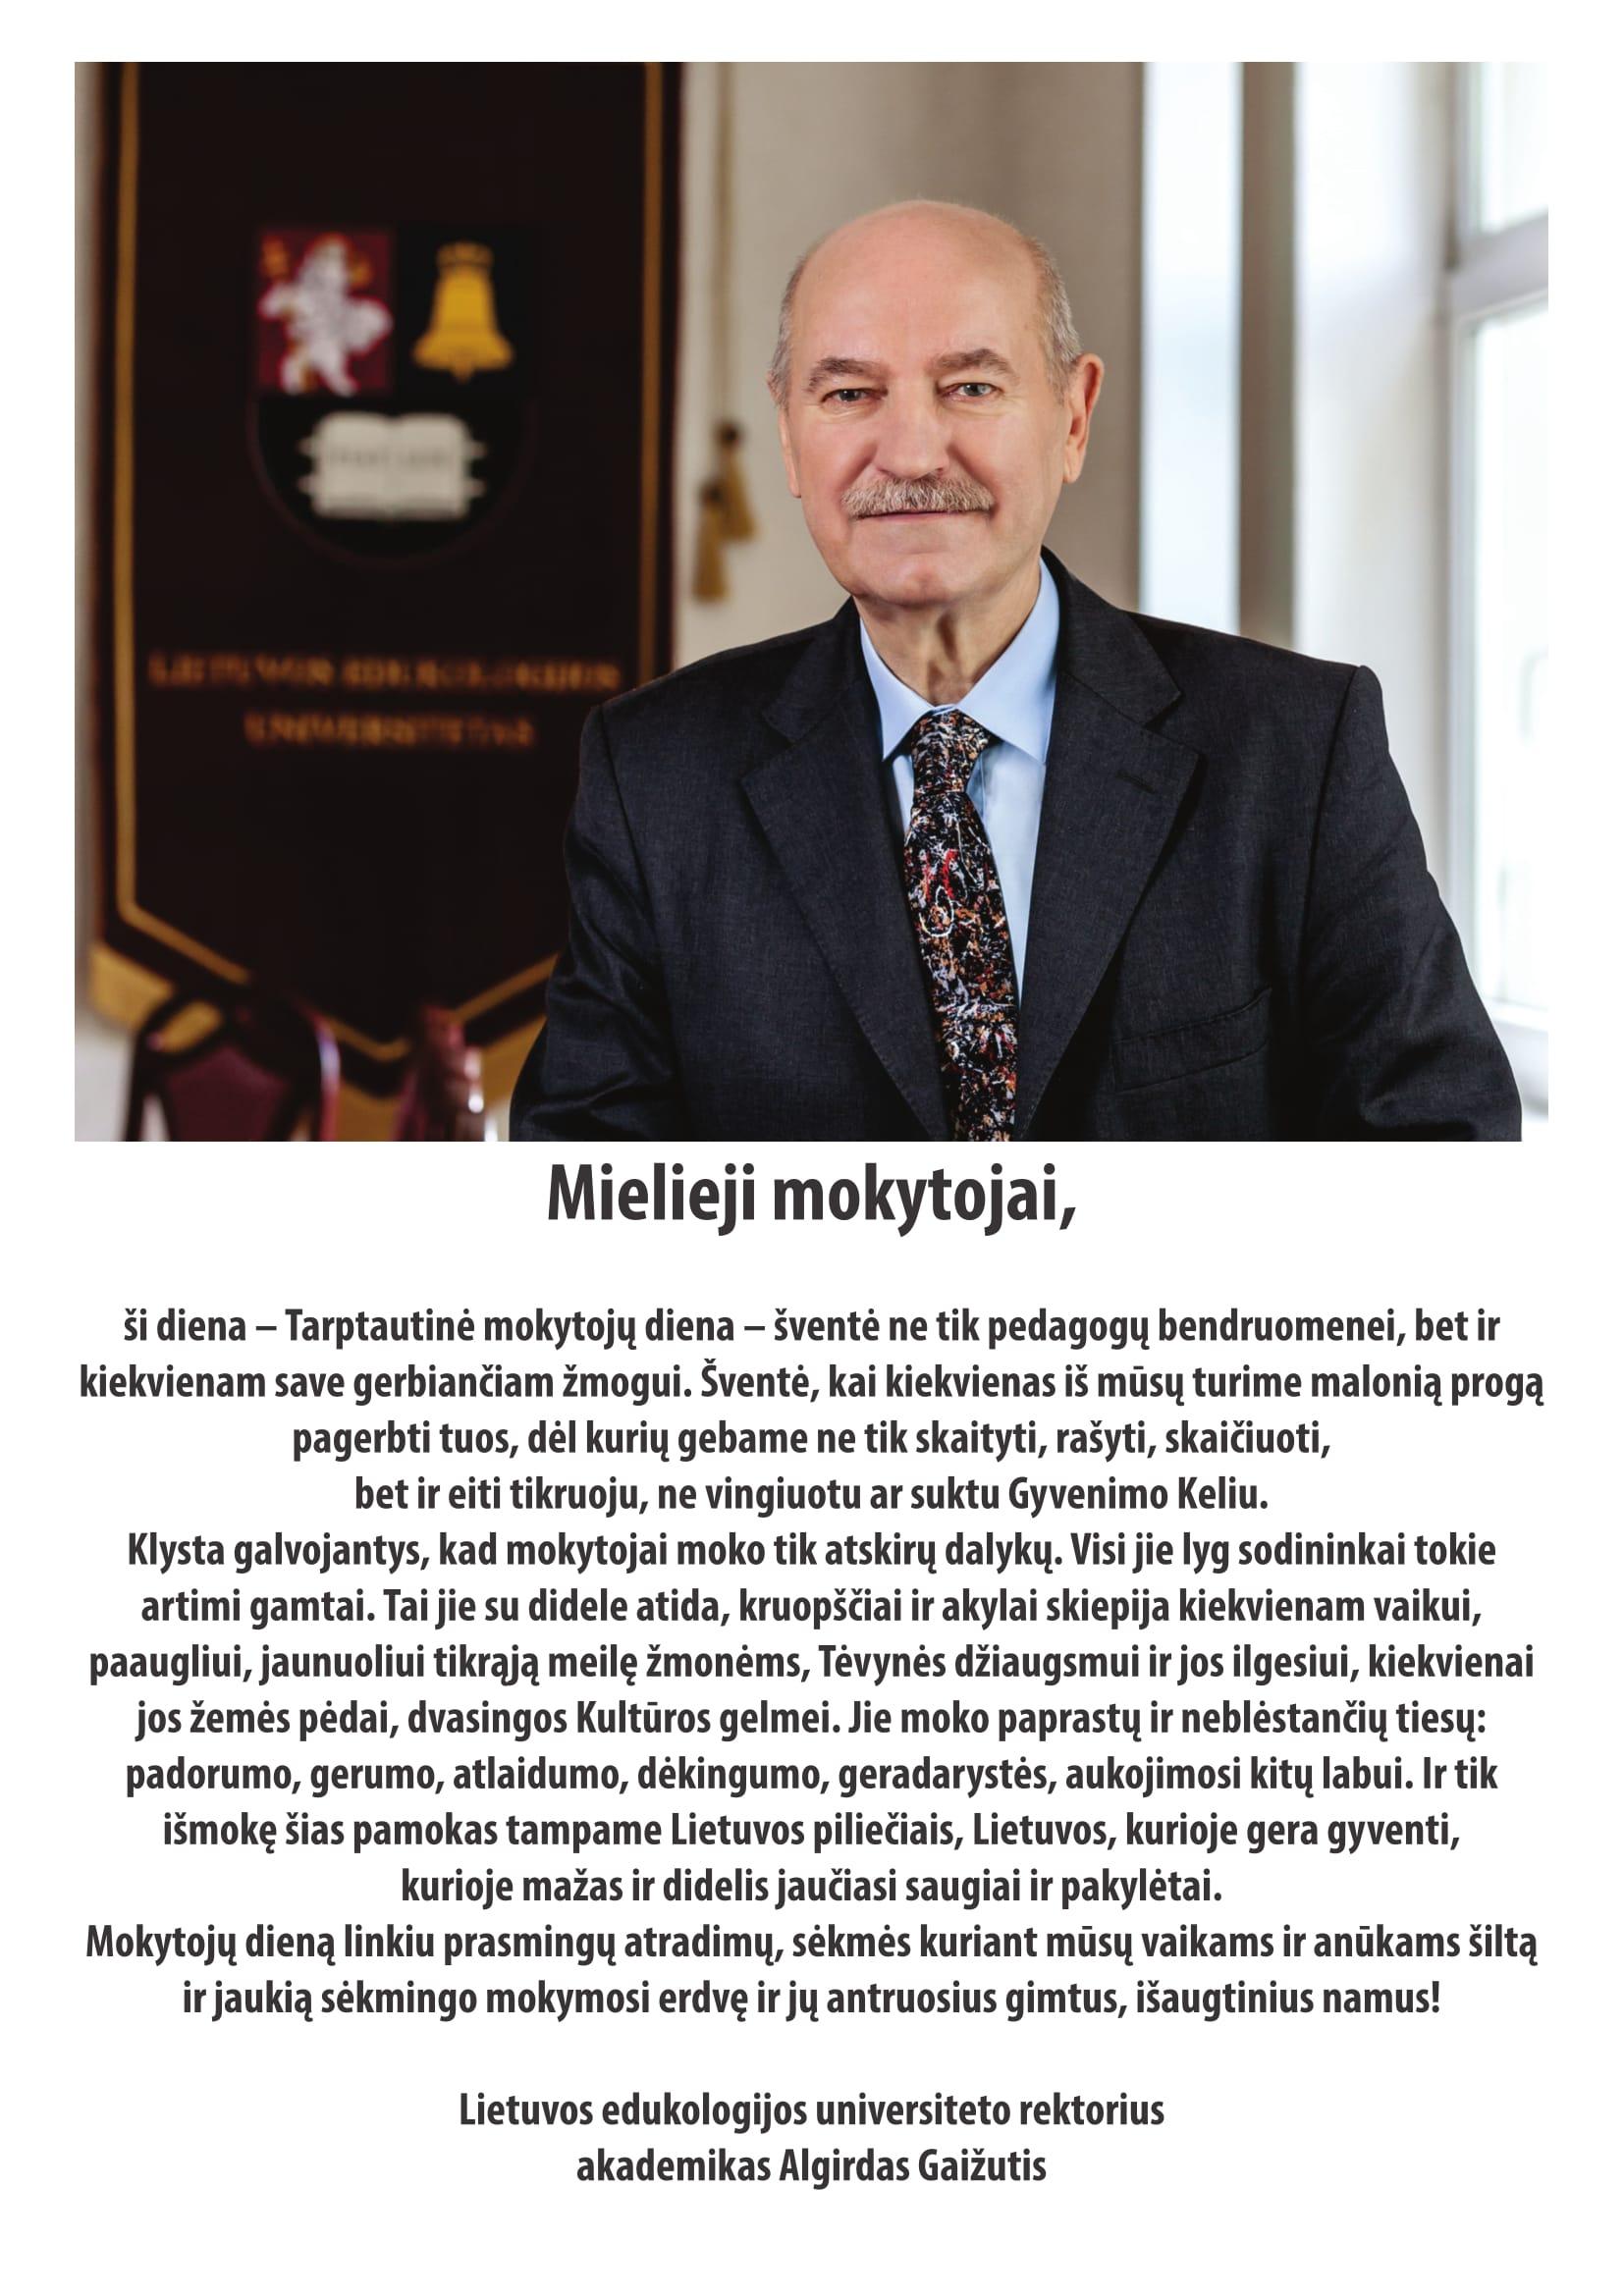 Mokytojui1